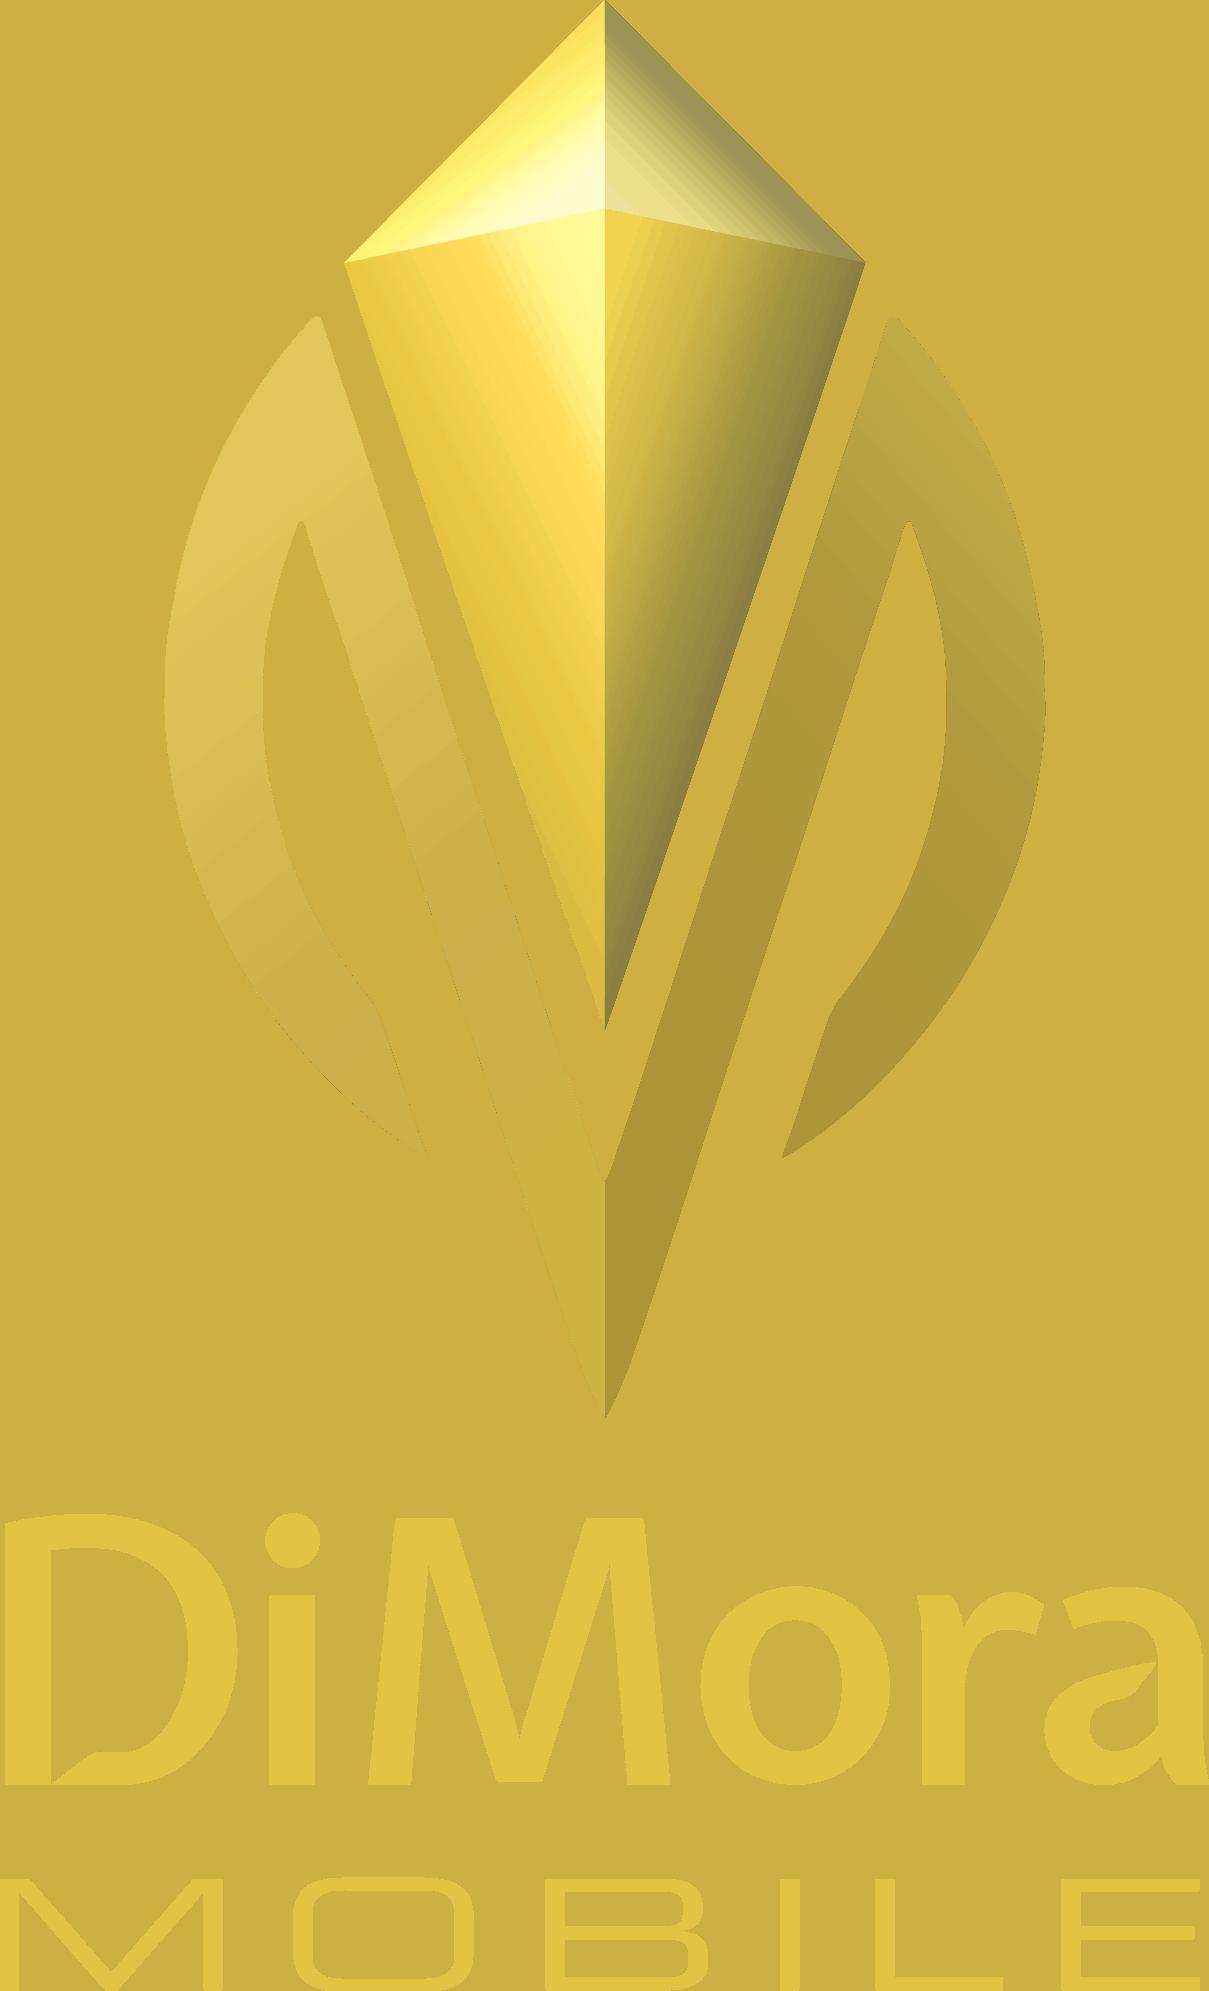 DMGoldDiamond.FullVecOutline.V42